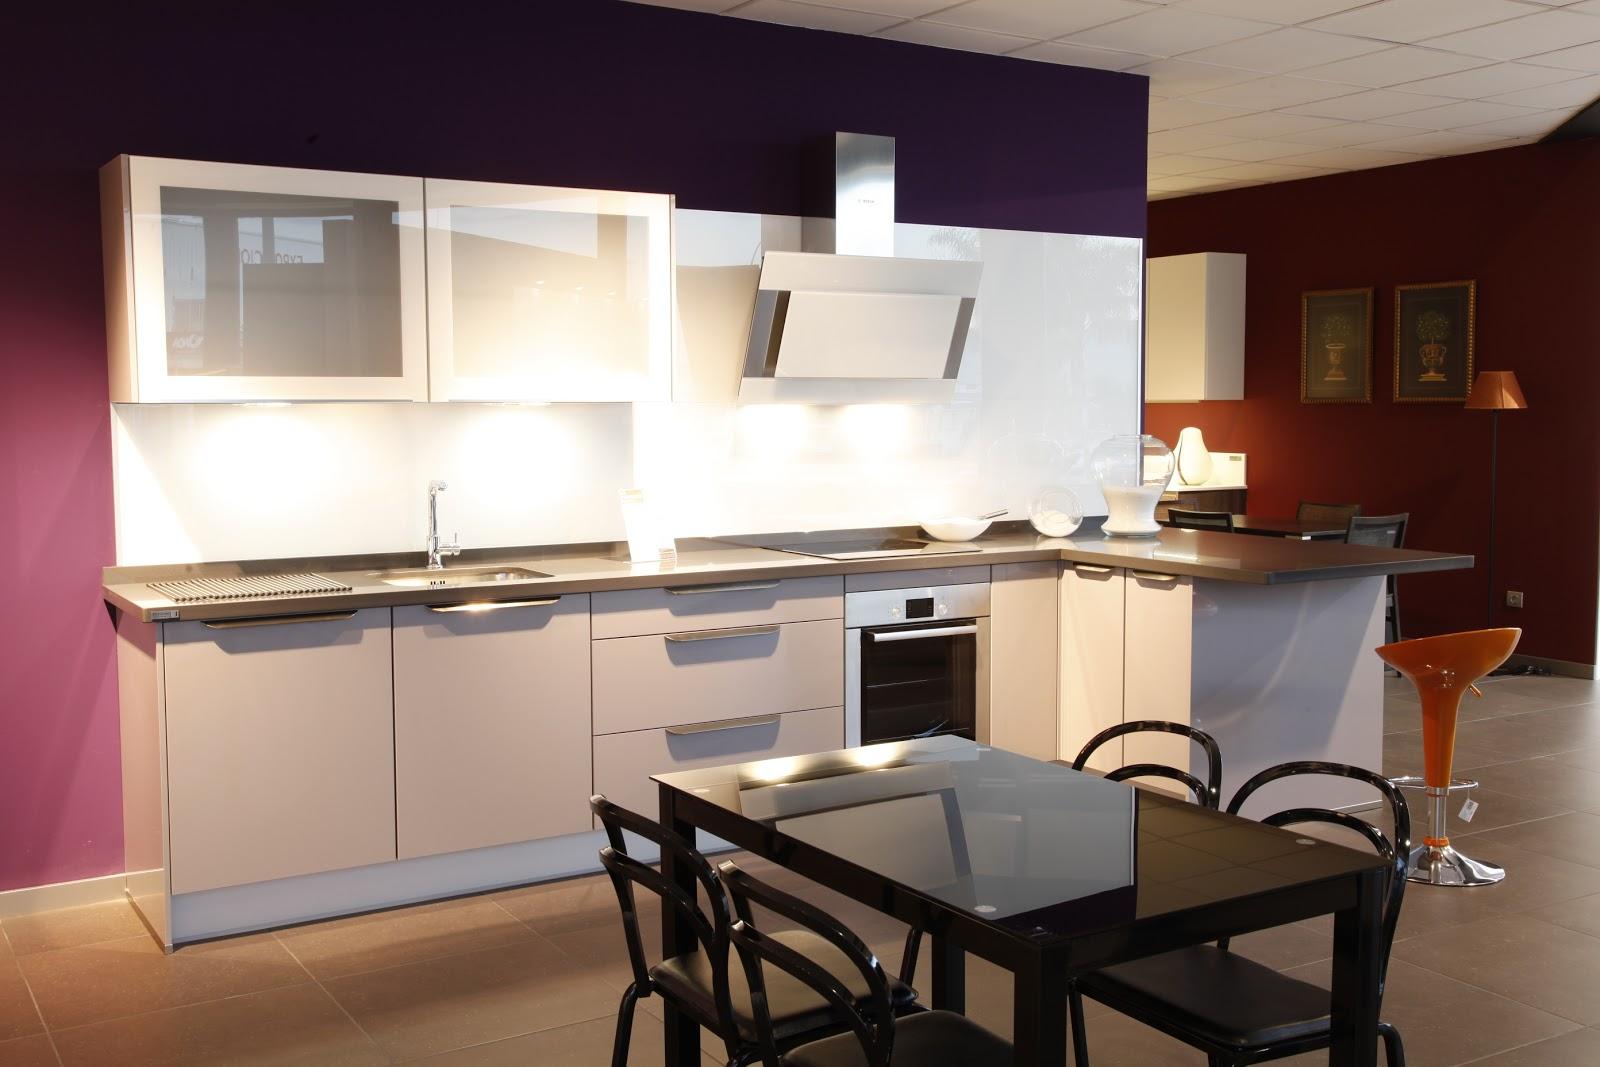 Precio Cocina Santos | Chef Cocinas Gandia Valencia Renovacion Total De Exposicion A